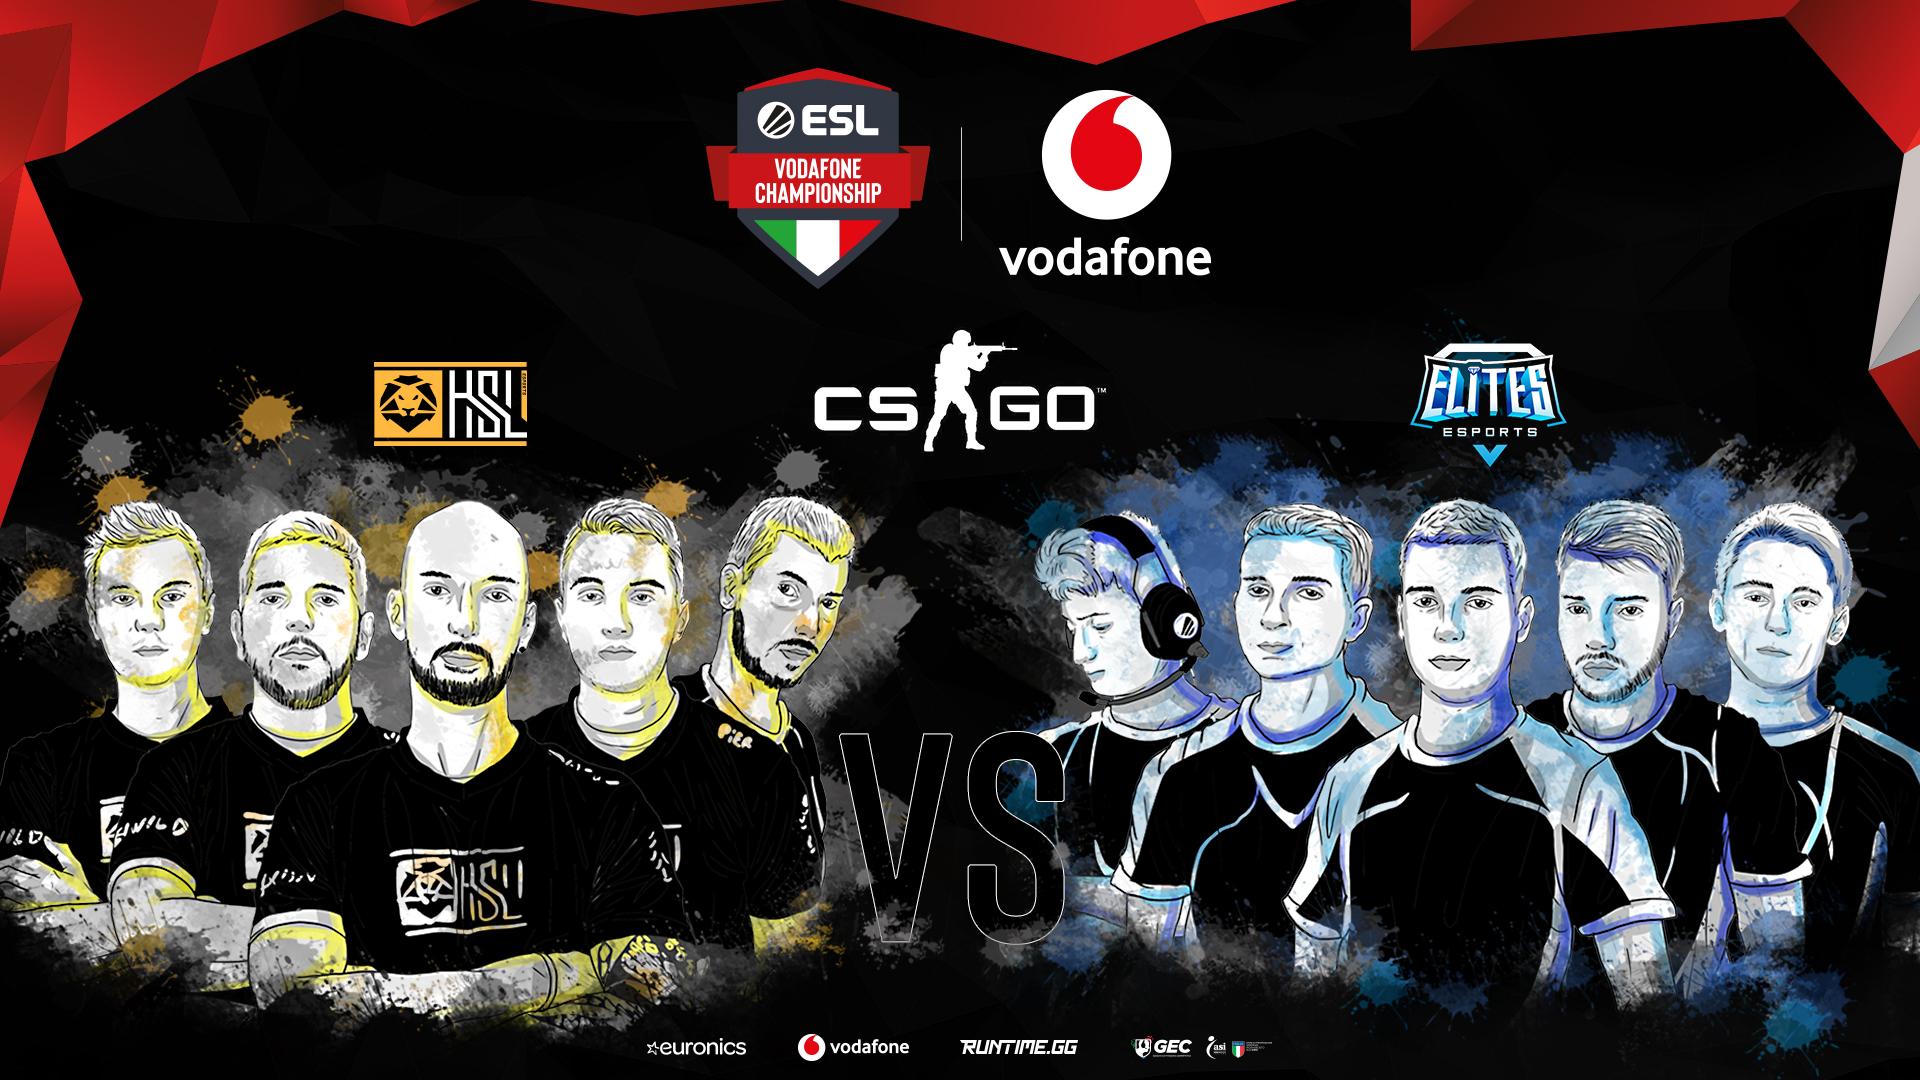 Annunciato il campione italiano di CS:GO dell'ESL Vodafone Championship thumbnail